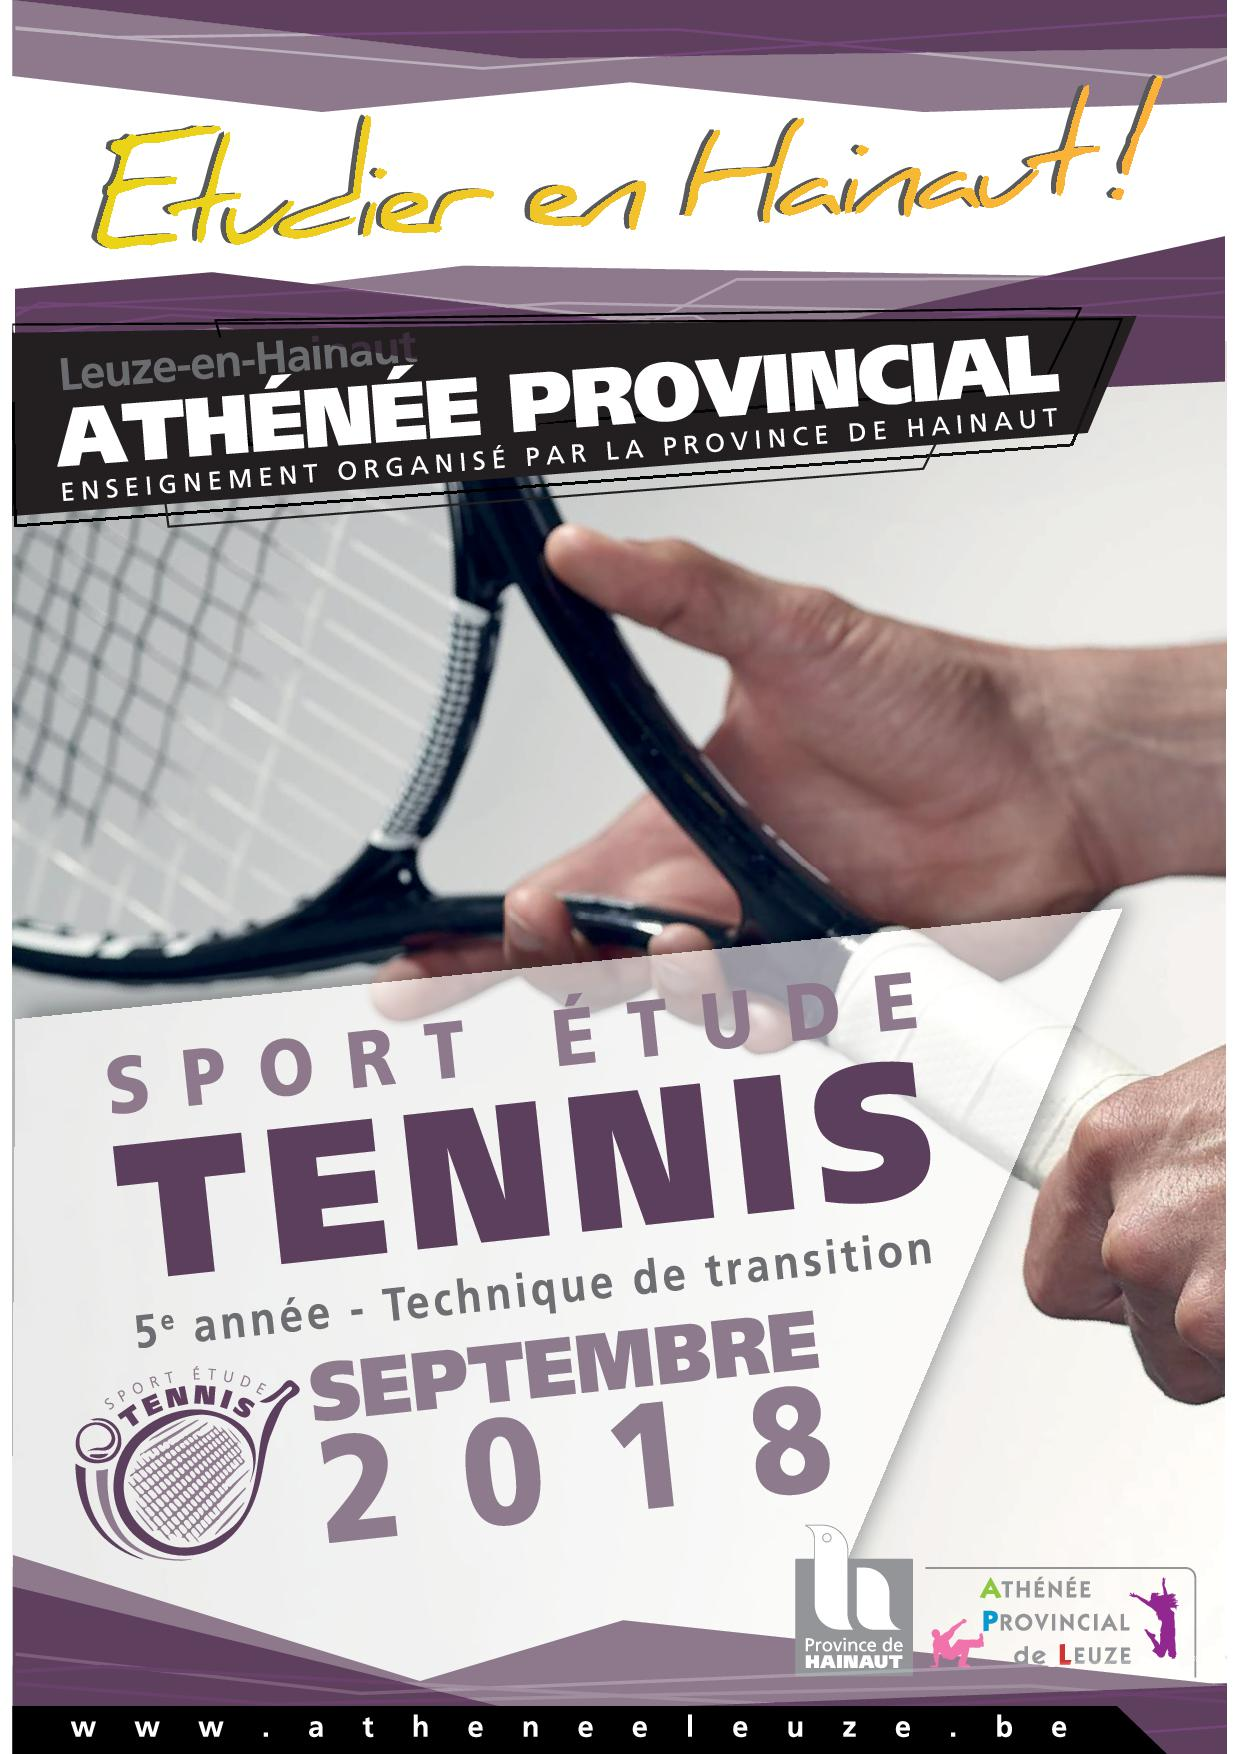 Sport-études tennis